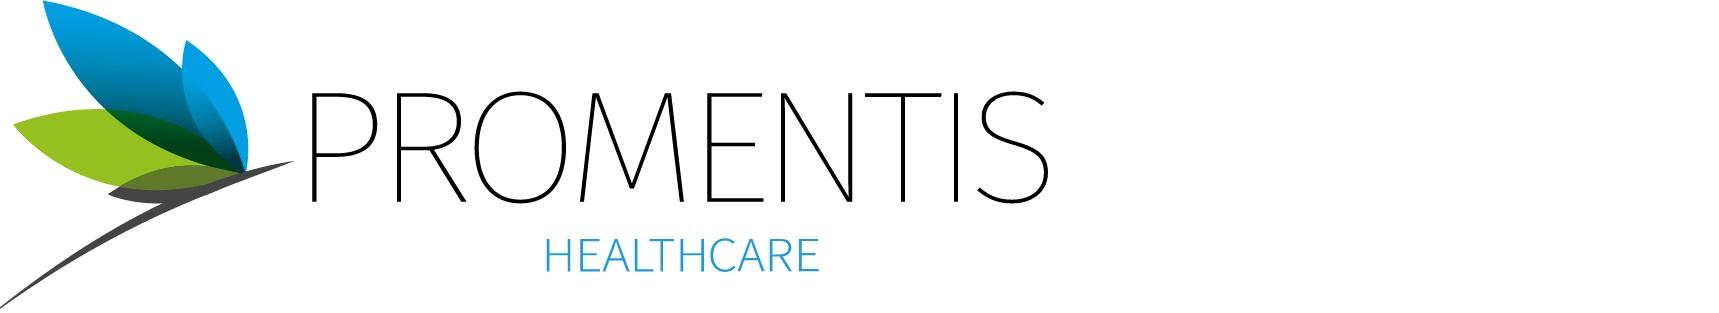 Promentis Healthcare